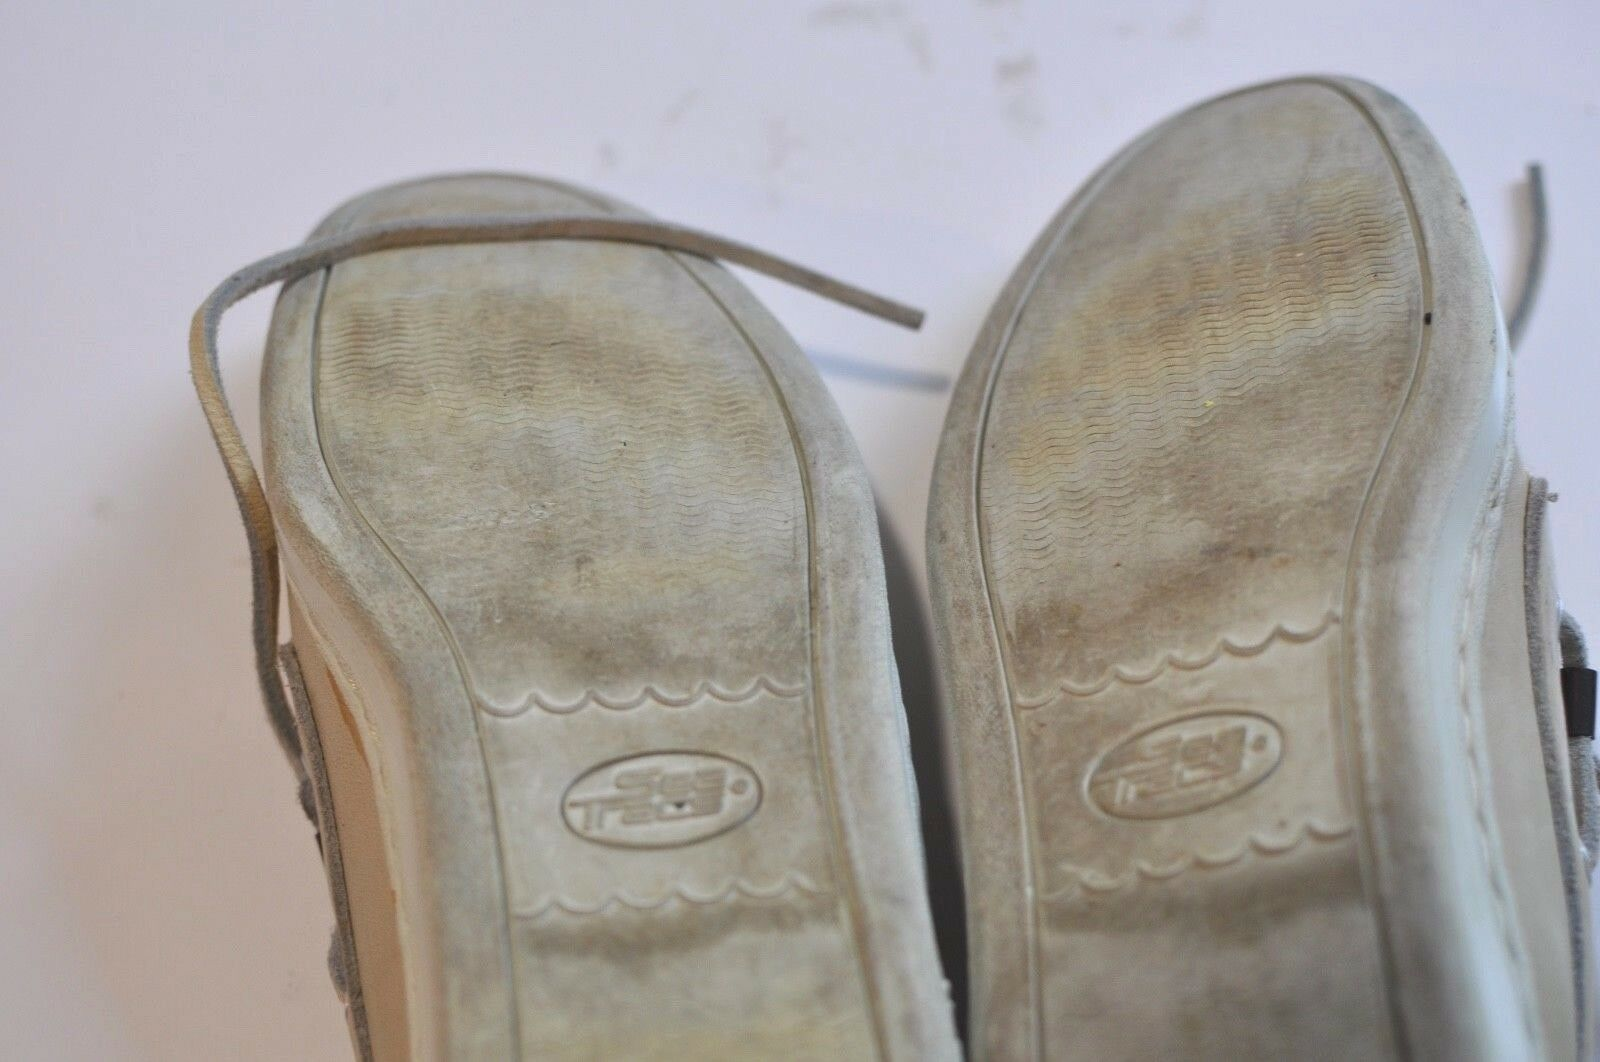 Vintage London Mar traCs By London Vintage Fog zapatos  Náuticos Cuero Para Mujer M 660f56